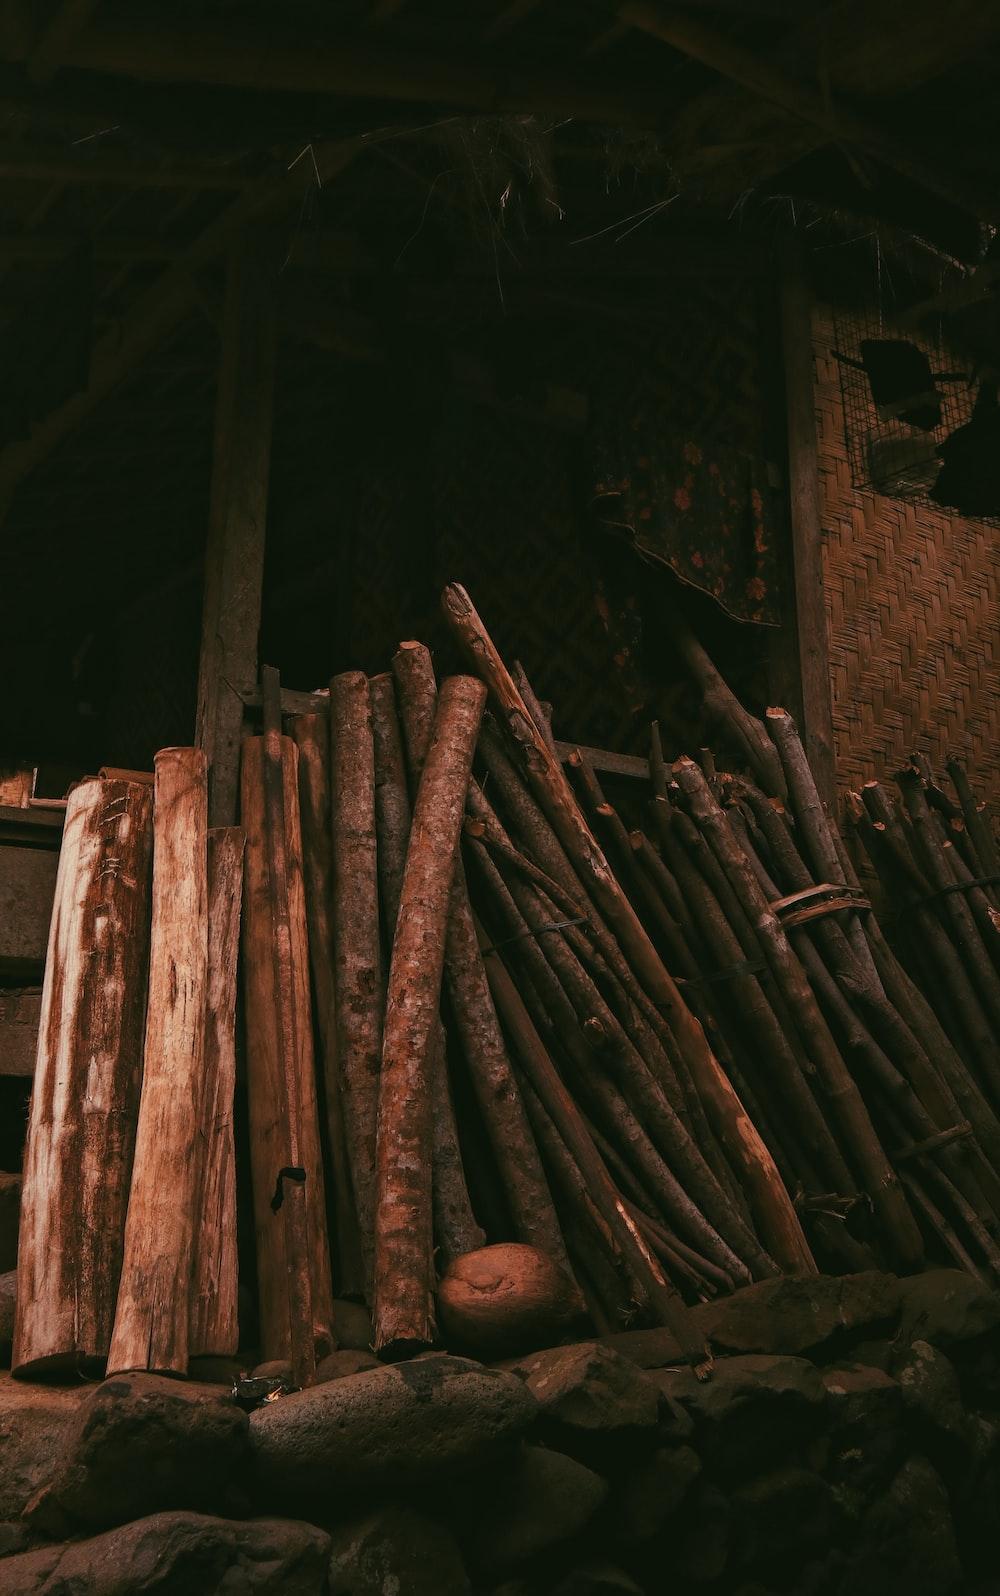 brown wooden sticks on brown wooden plank